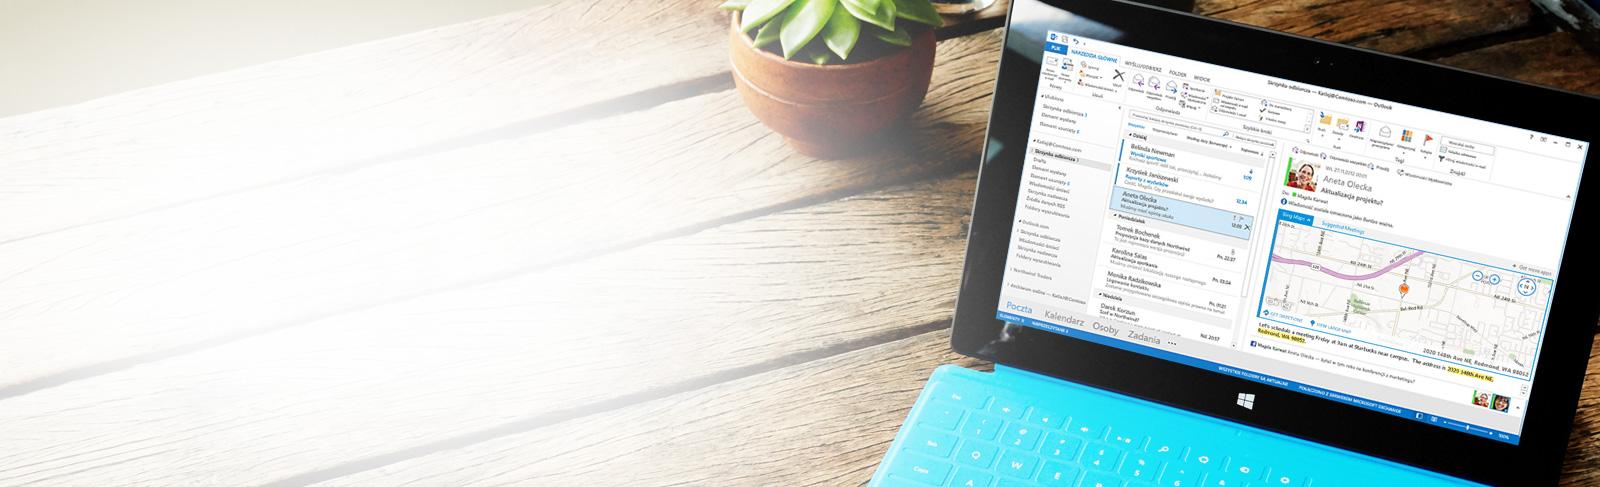 Tablet przedstawiający skrzynkę odbiorczą programu Microsoft Outlook 2013 z listą wiadomości ipodglądem.